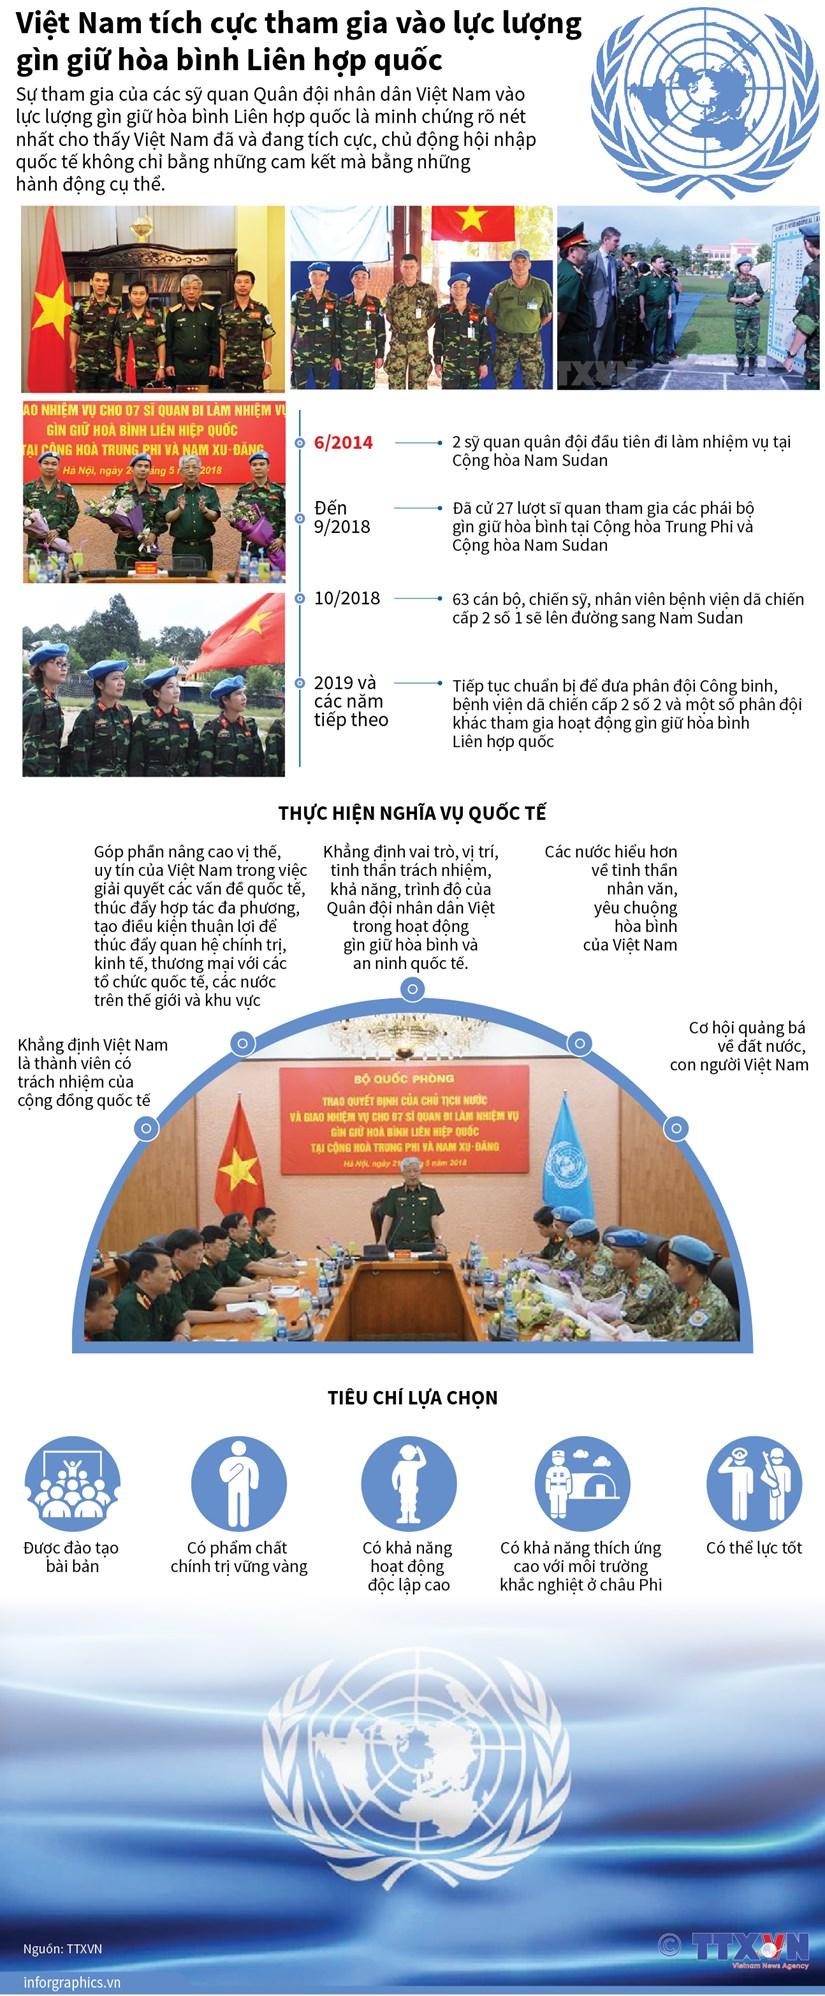 Viet Nam tich cuc tham gia vao luc luong gin giu hoa binh cua LHQ hinh anh 1